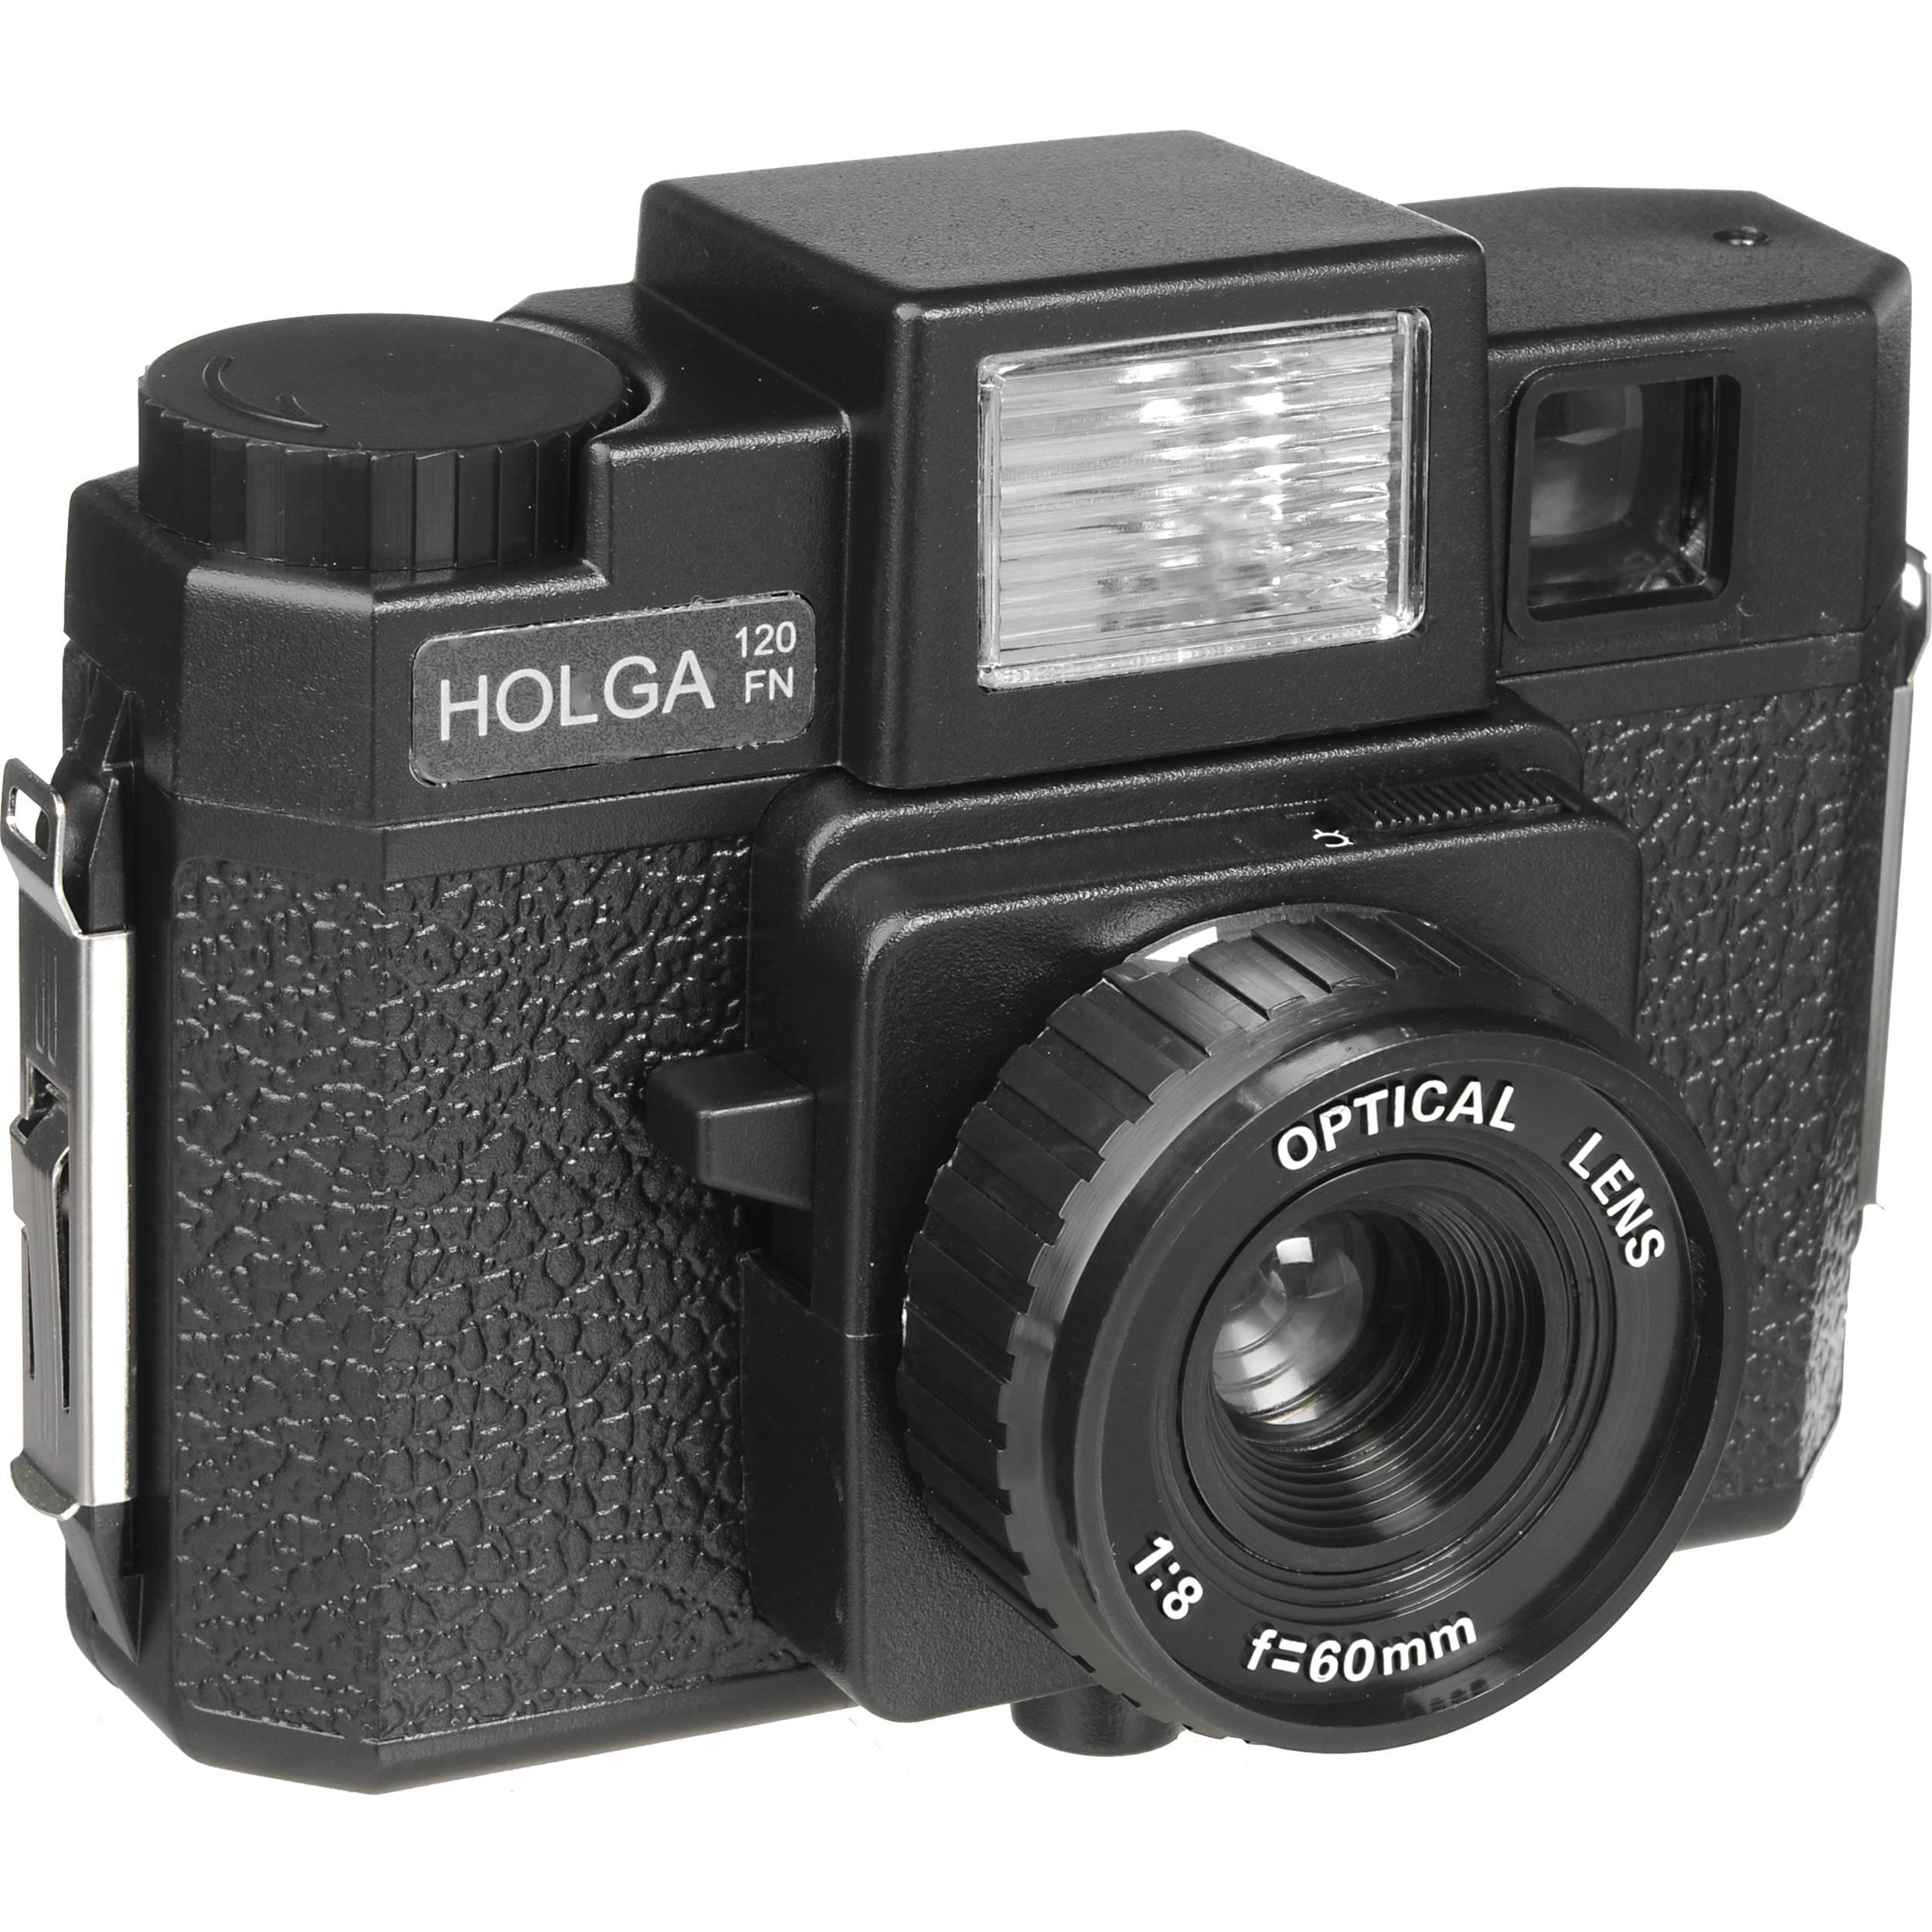 Holga 120 FN